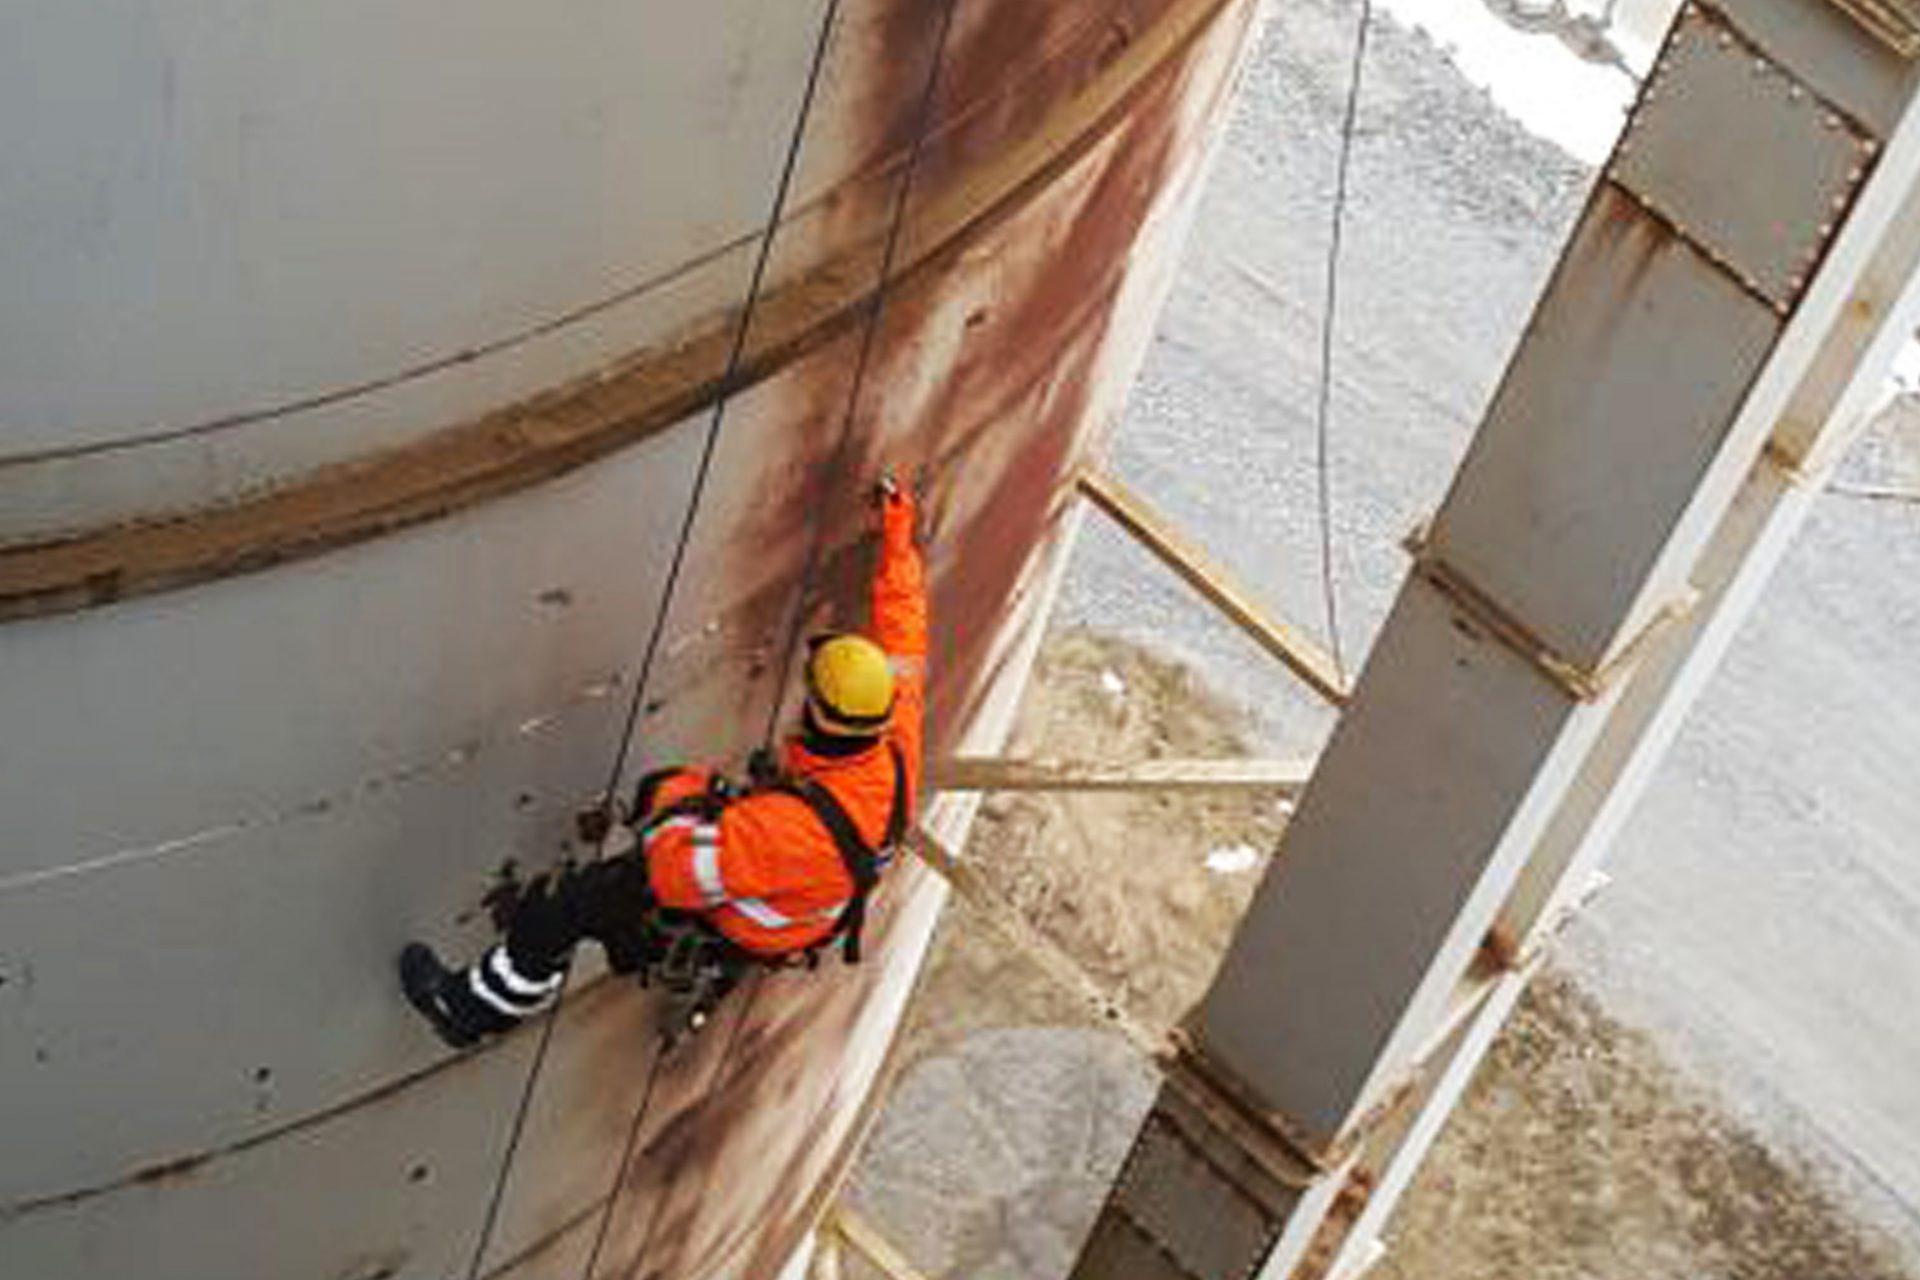 Non-destructive inspection